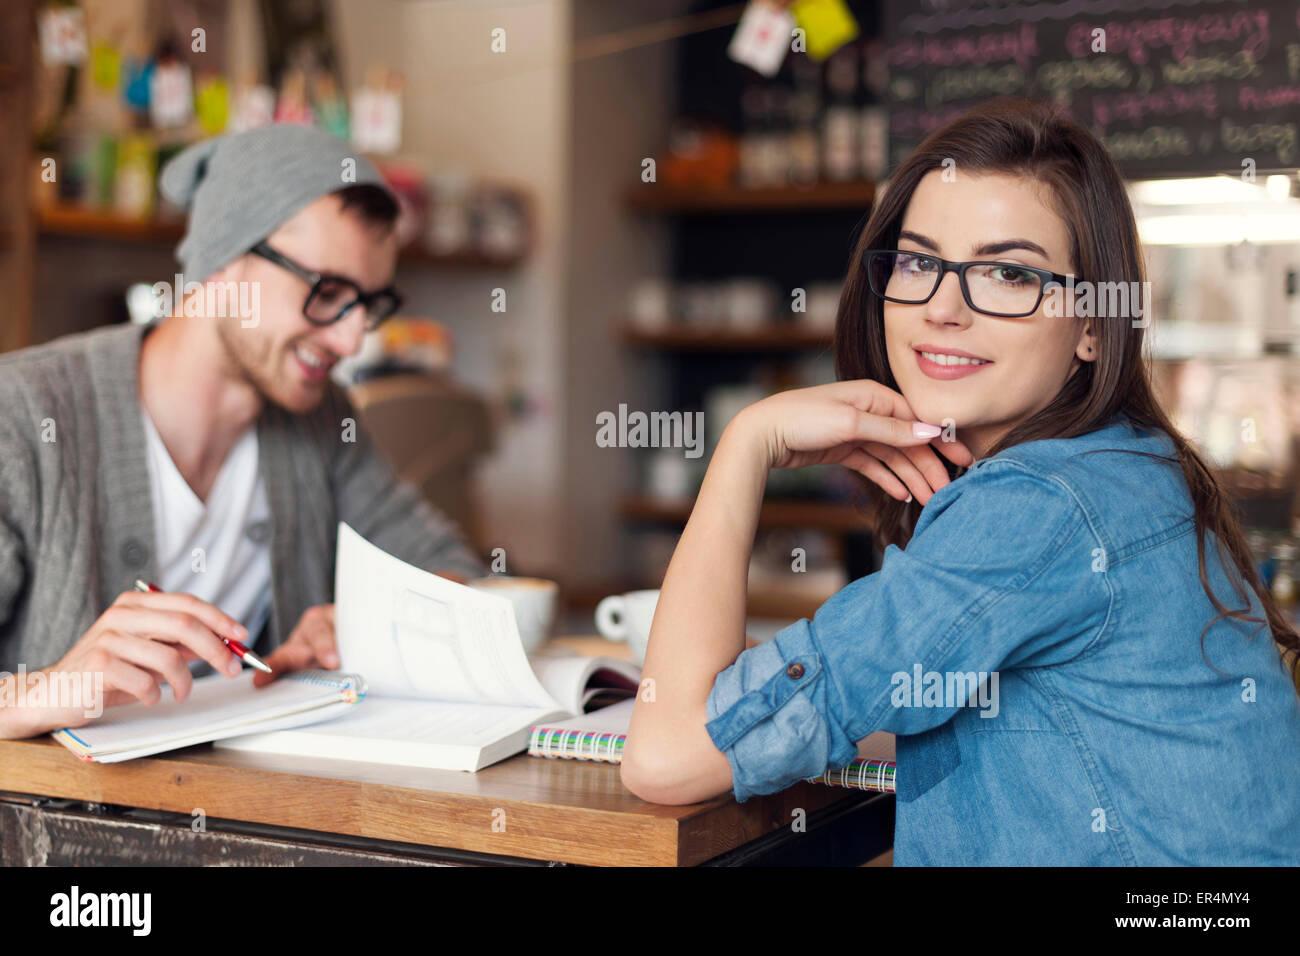 Donna elegante a studiare con il suo amico al cafe. Cracovia in Polonia Immagini Stock